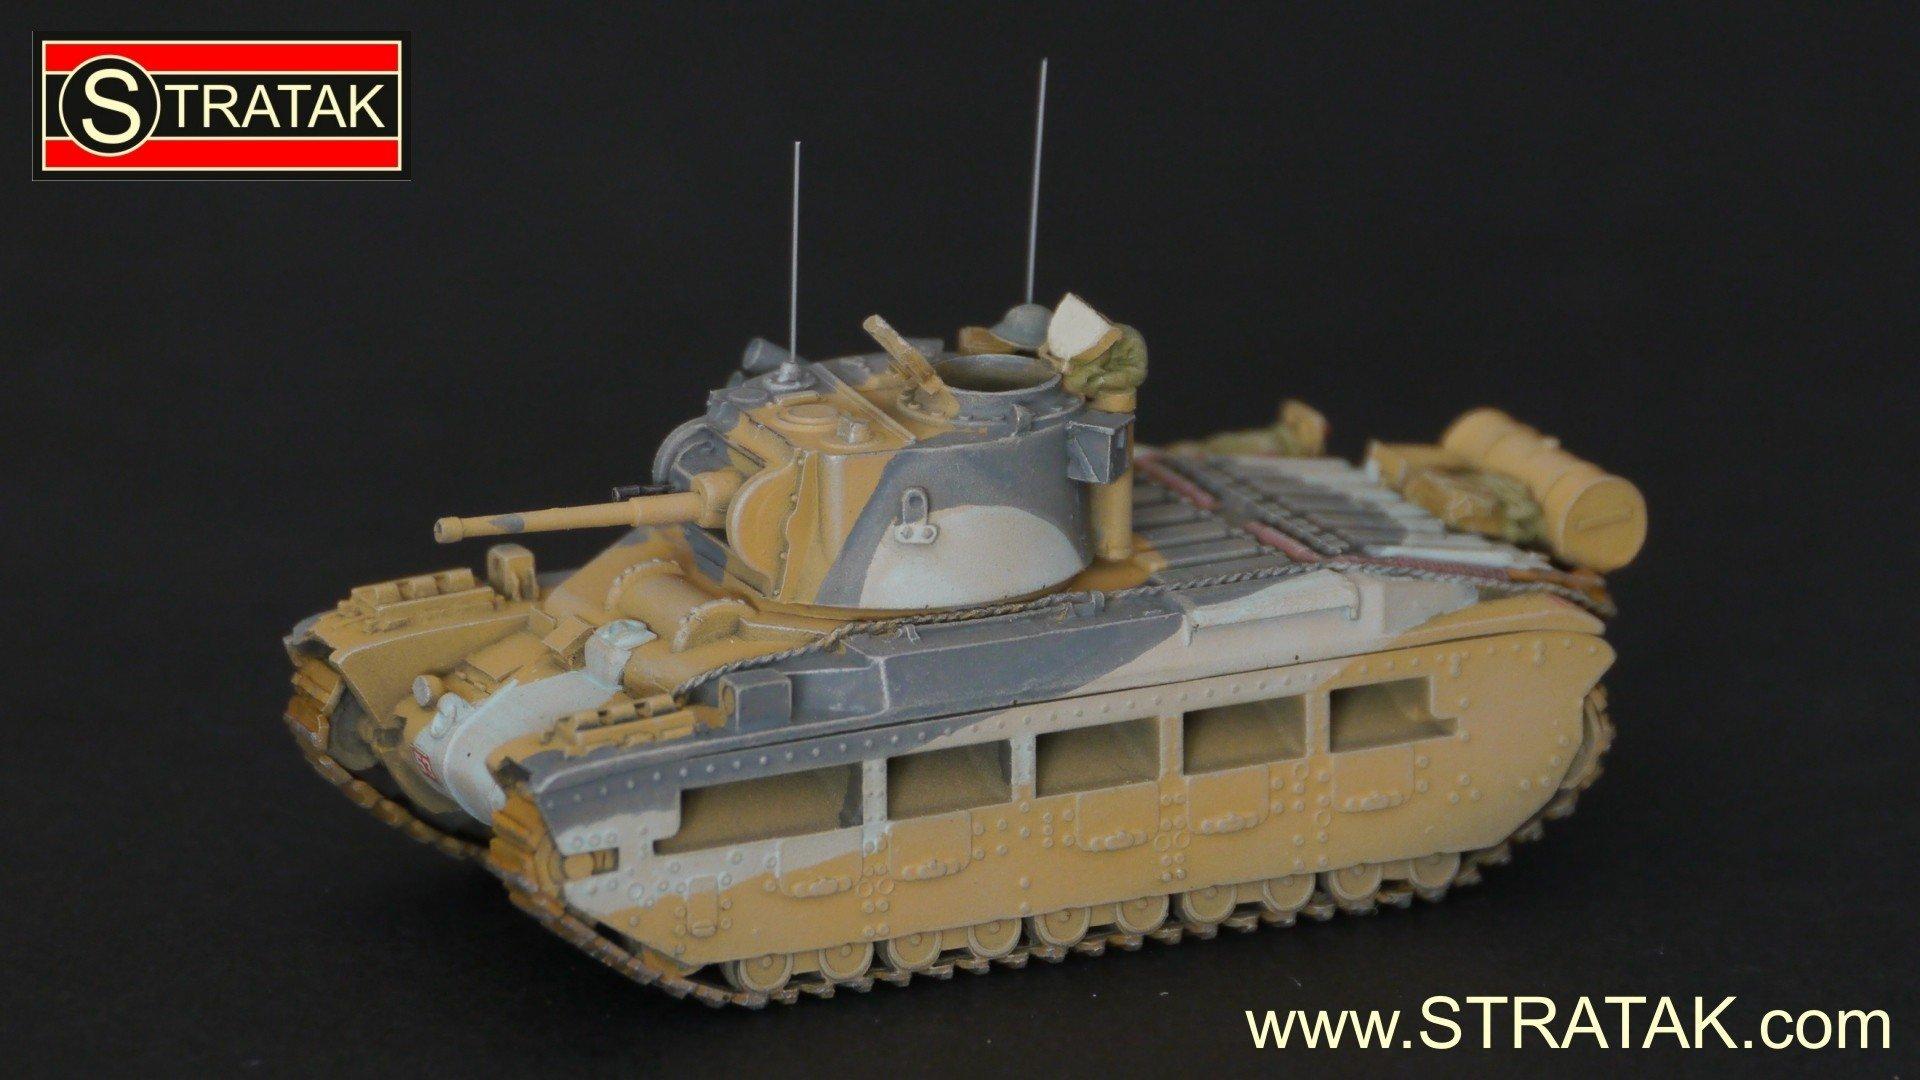 artitec 387 130 cm uk british tank matilda mark ii camouflageArtitec #14